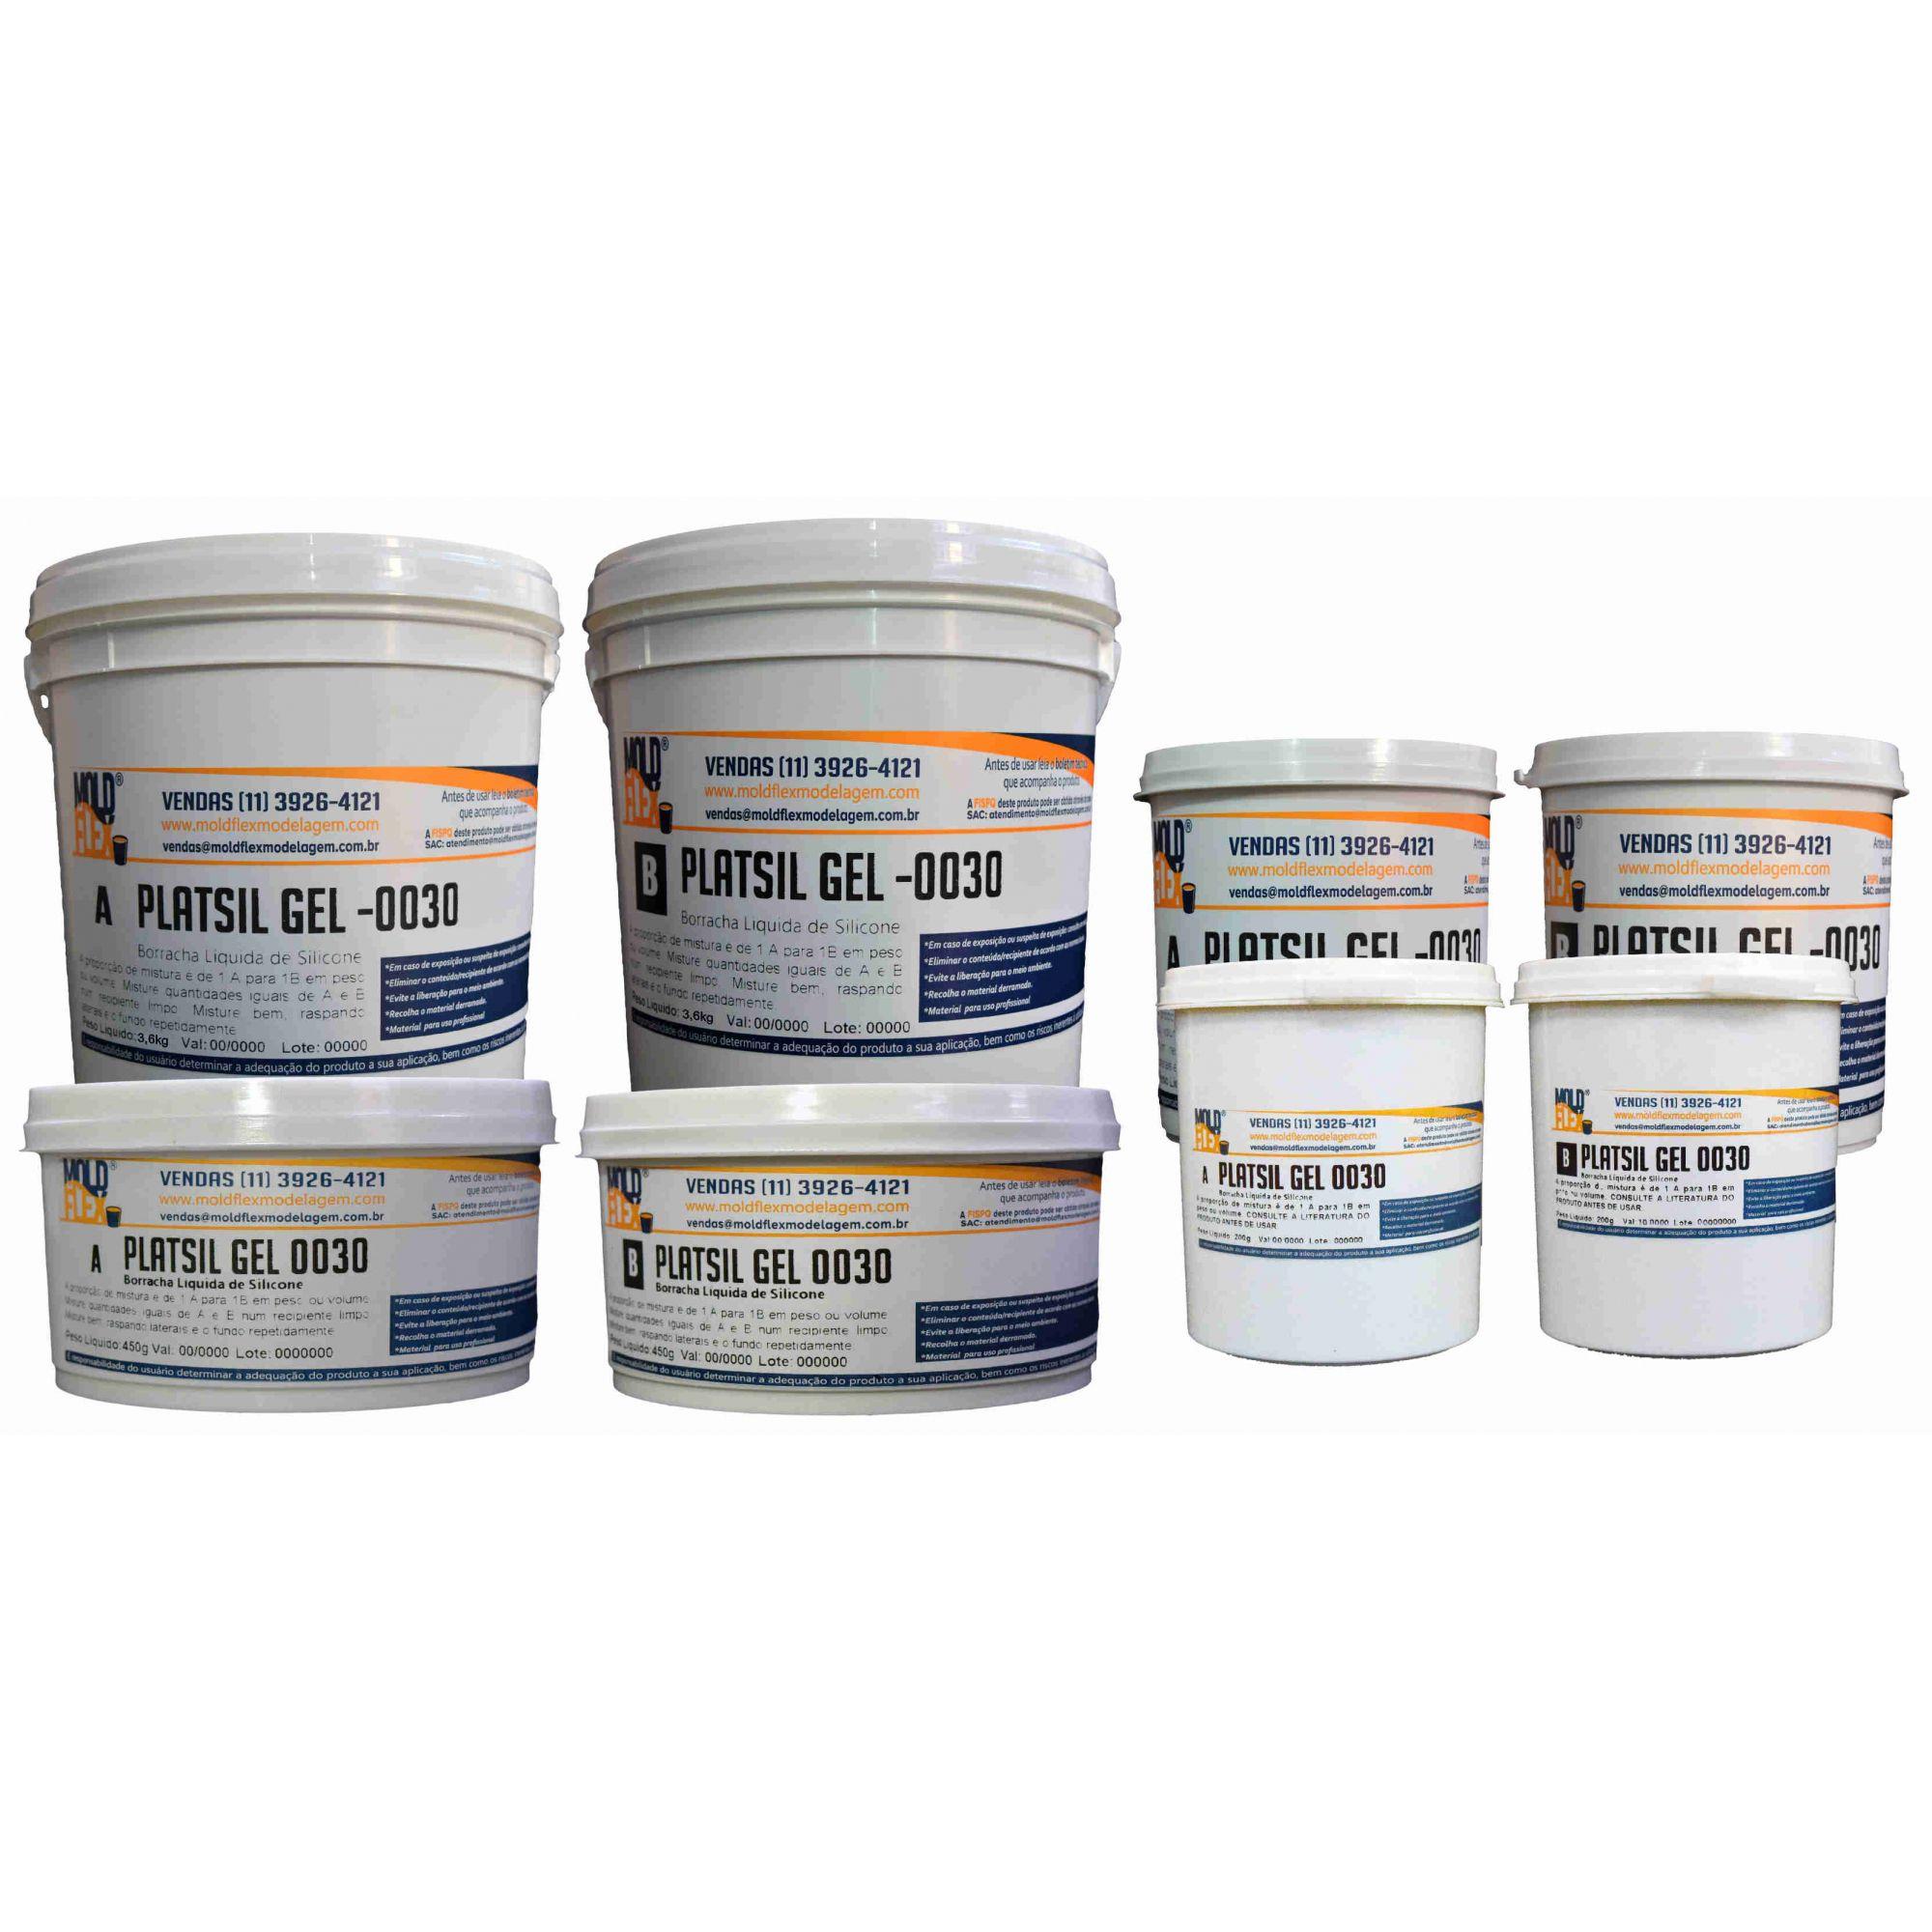 PlatSil Gel 0030 - Silicone Platinum